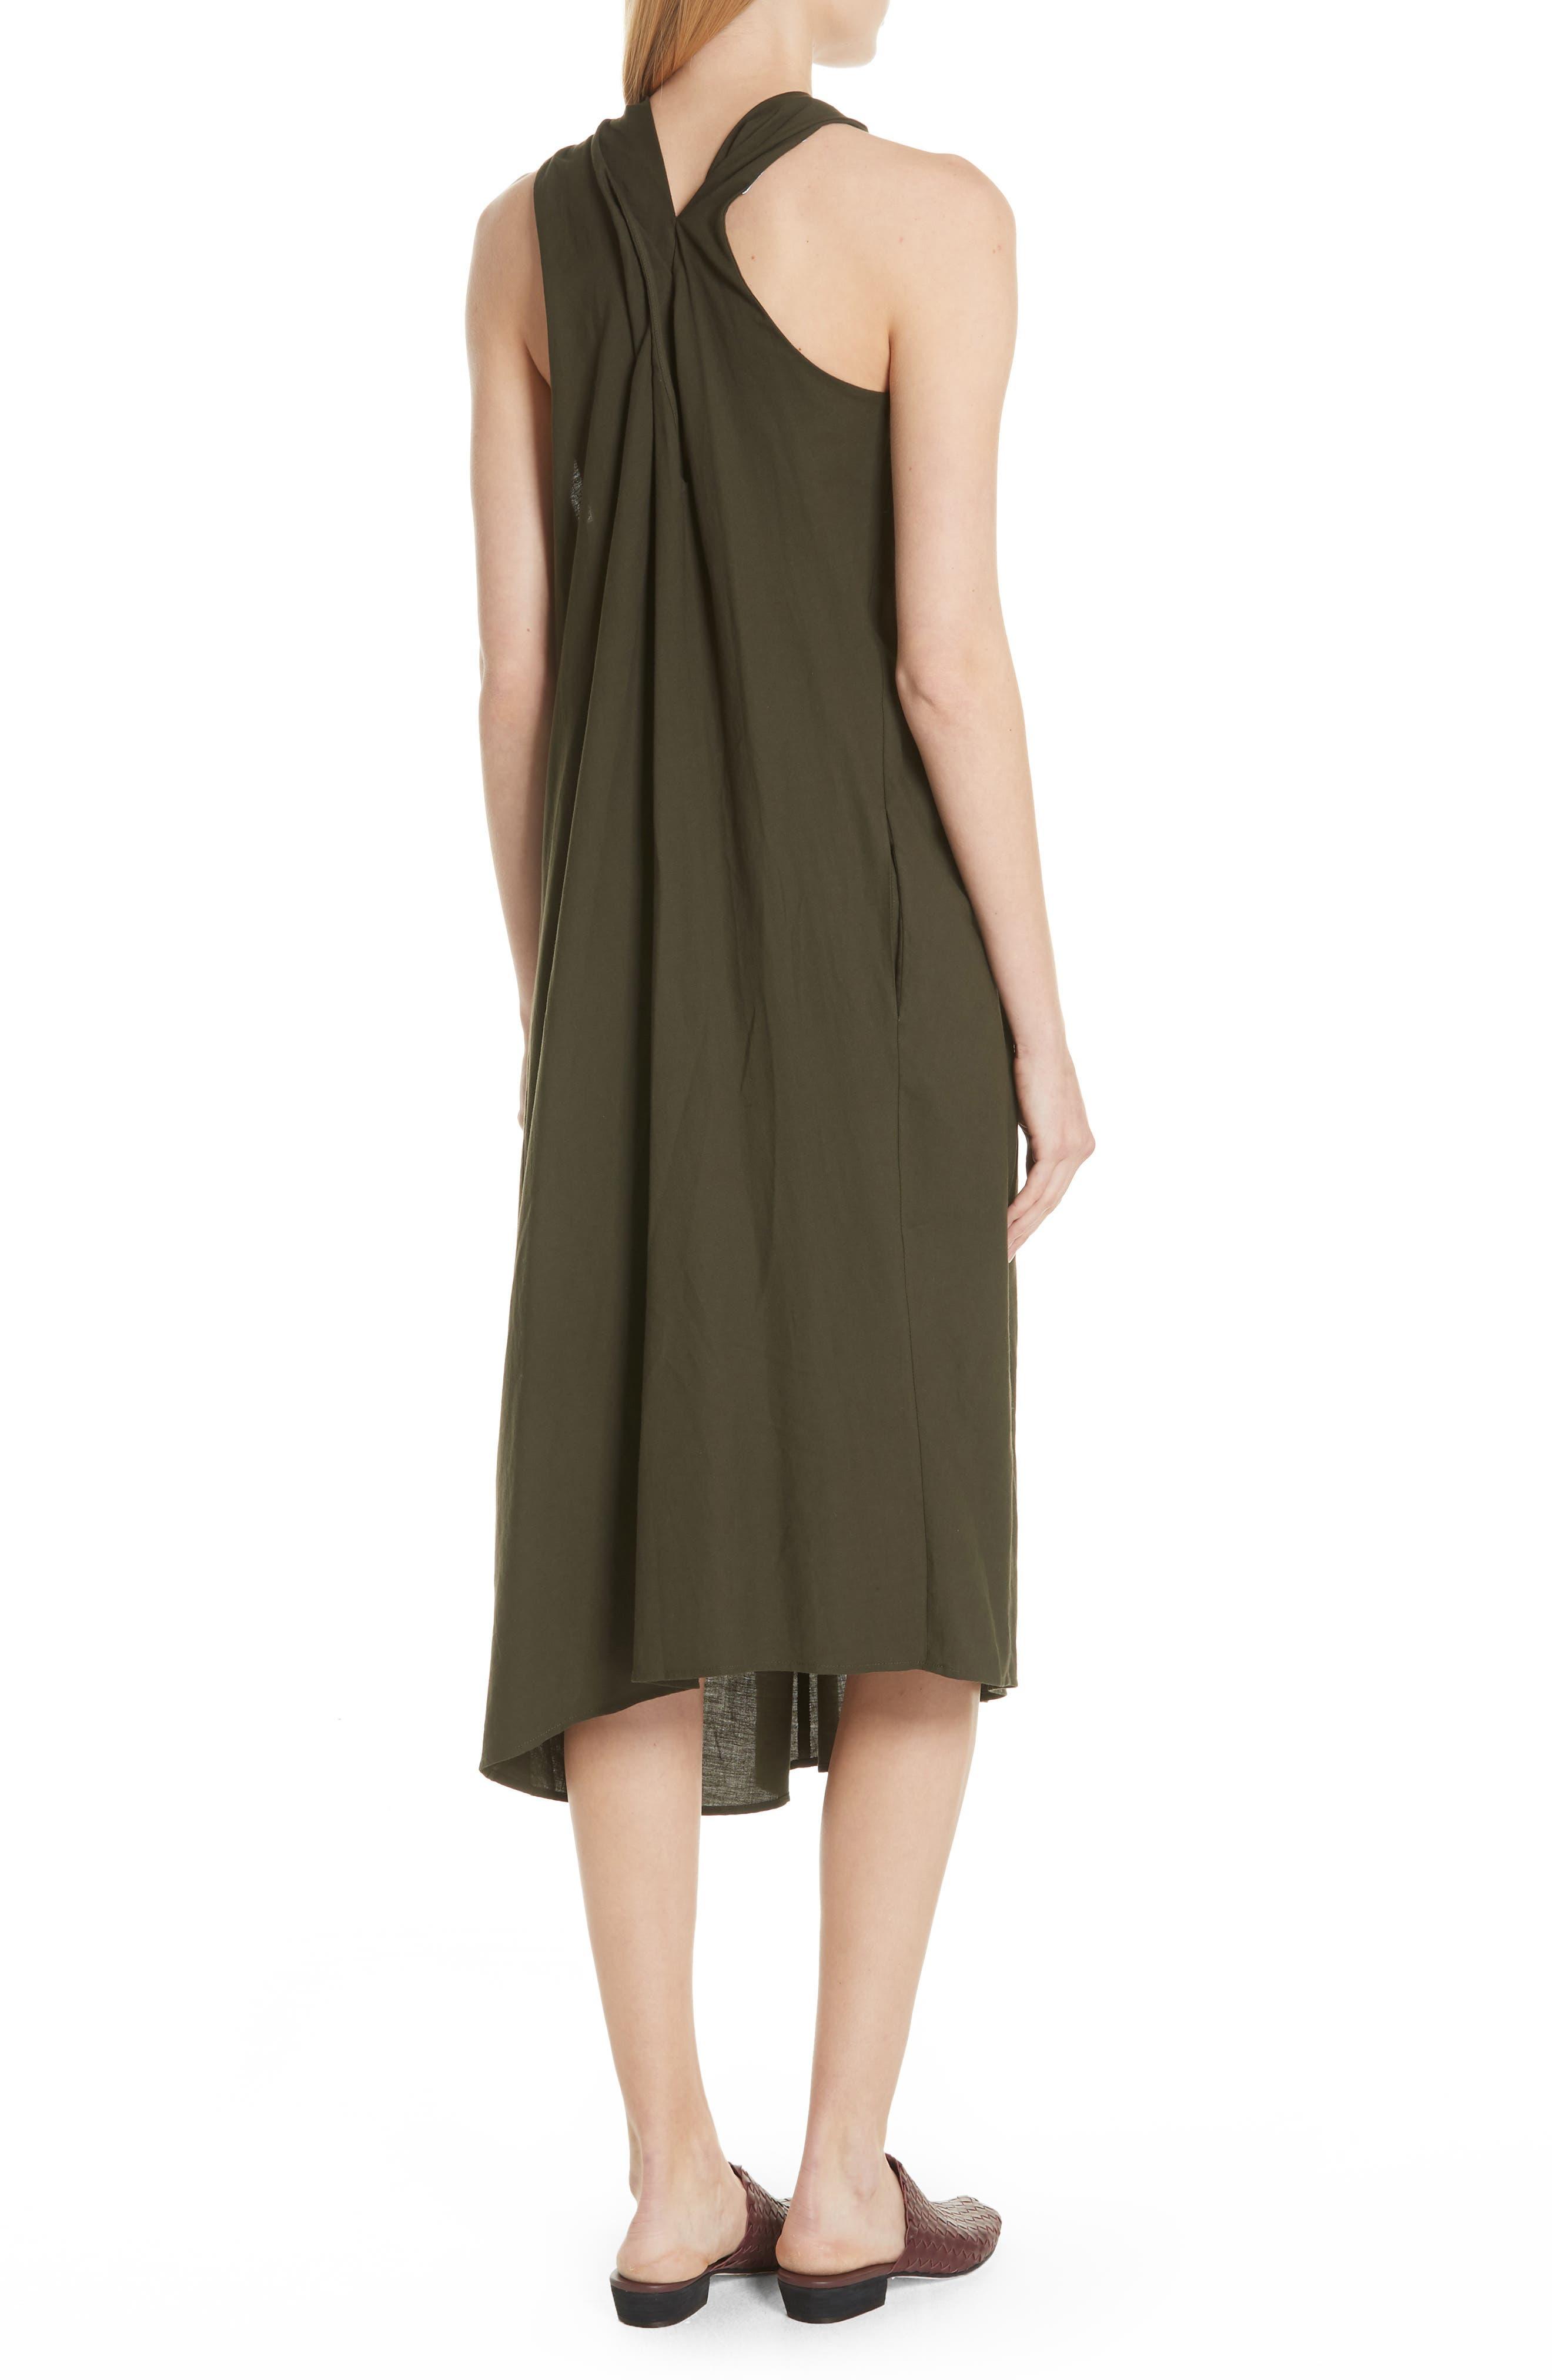 VINCE,                             Twist Front Dress,                             Alternate thumbnail 2, color,                             359